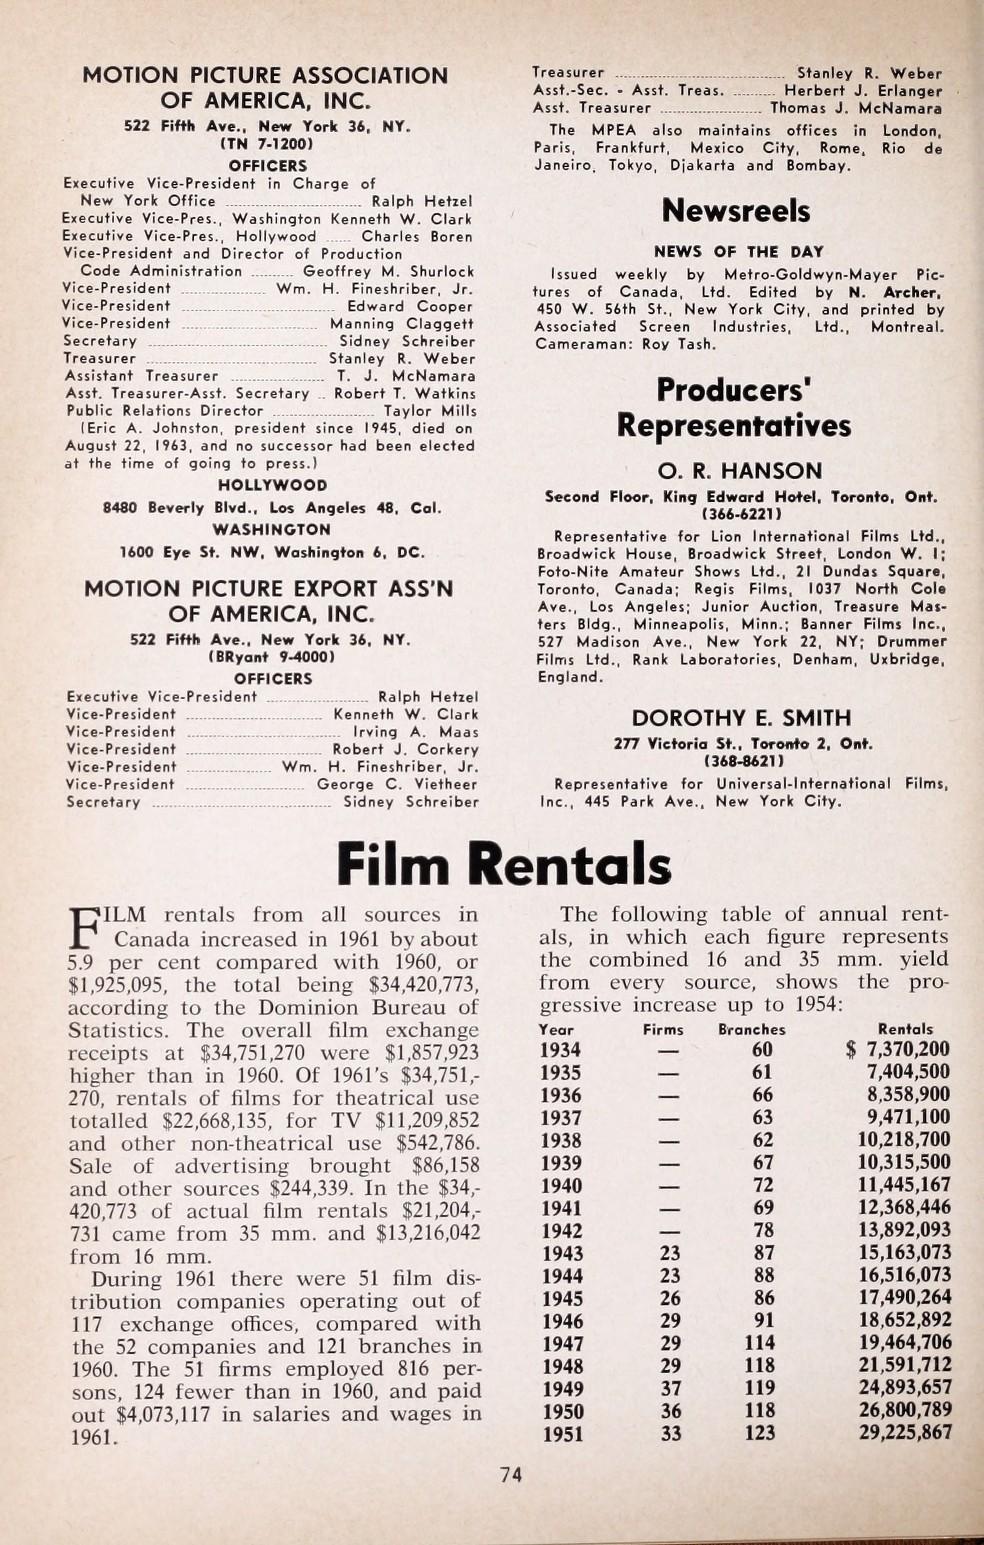 196364yearbookca00film_jp2.zip&file=196364yearbookca00film_jp2%2f196364yearbookca00film_0076